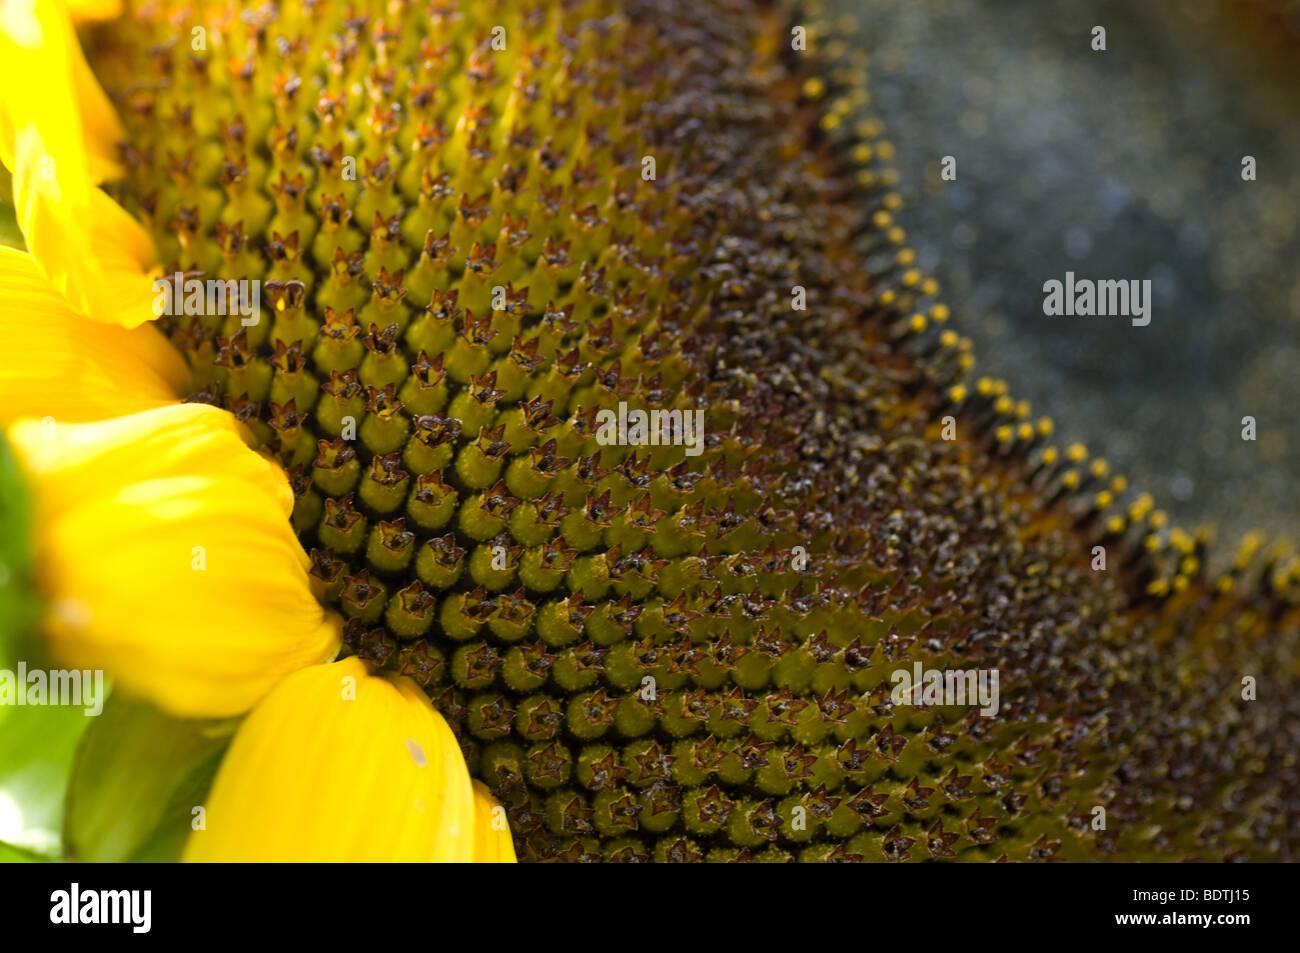 Detalle de semillas de girasol con cabeza Foto de stock